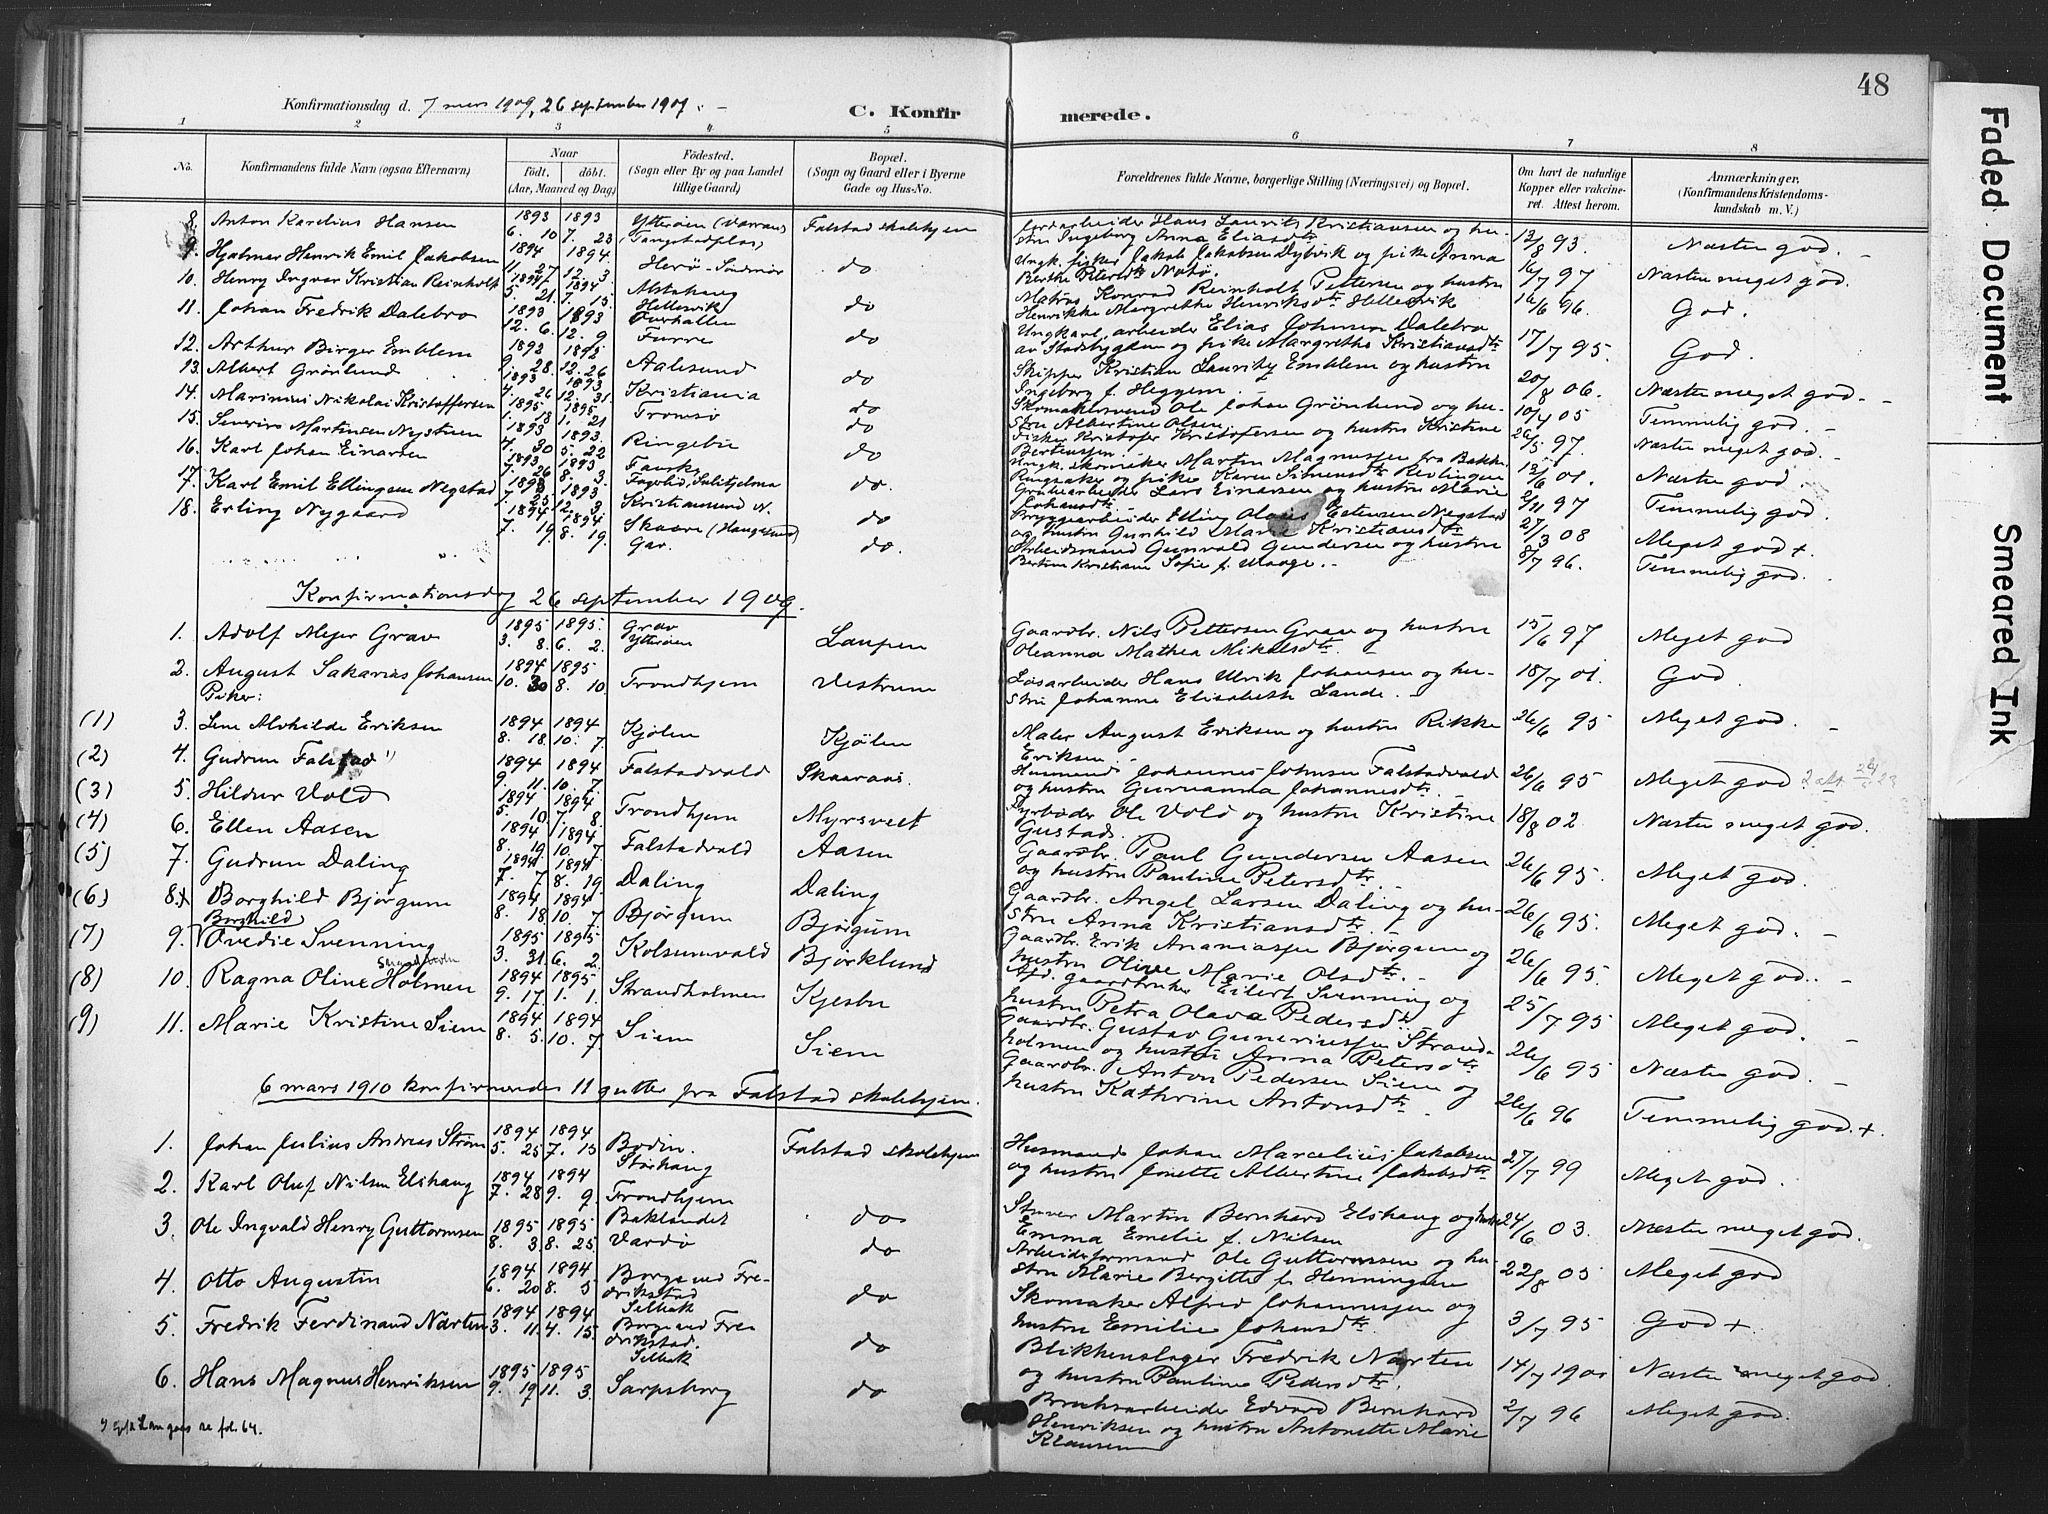 SAT, Ministerialprotokoller, klokkerbøker og fødselsregistre - Nord-Trøndelag, 719/L0179: Ministerialbok nr. 719A02, 1901-1923, s. 48